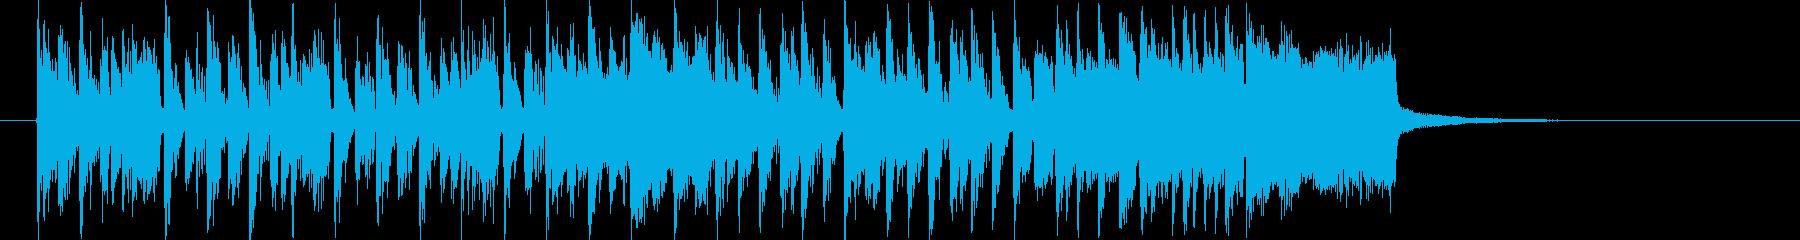 躍動感あるスピーディーなテクノジングルの再生済みの波形